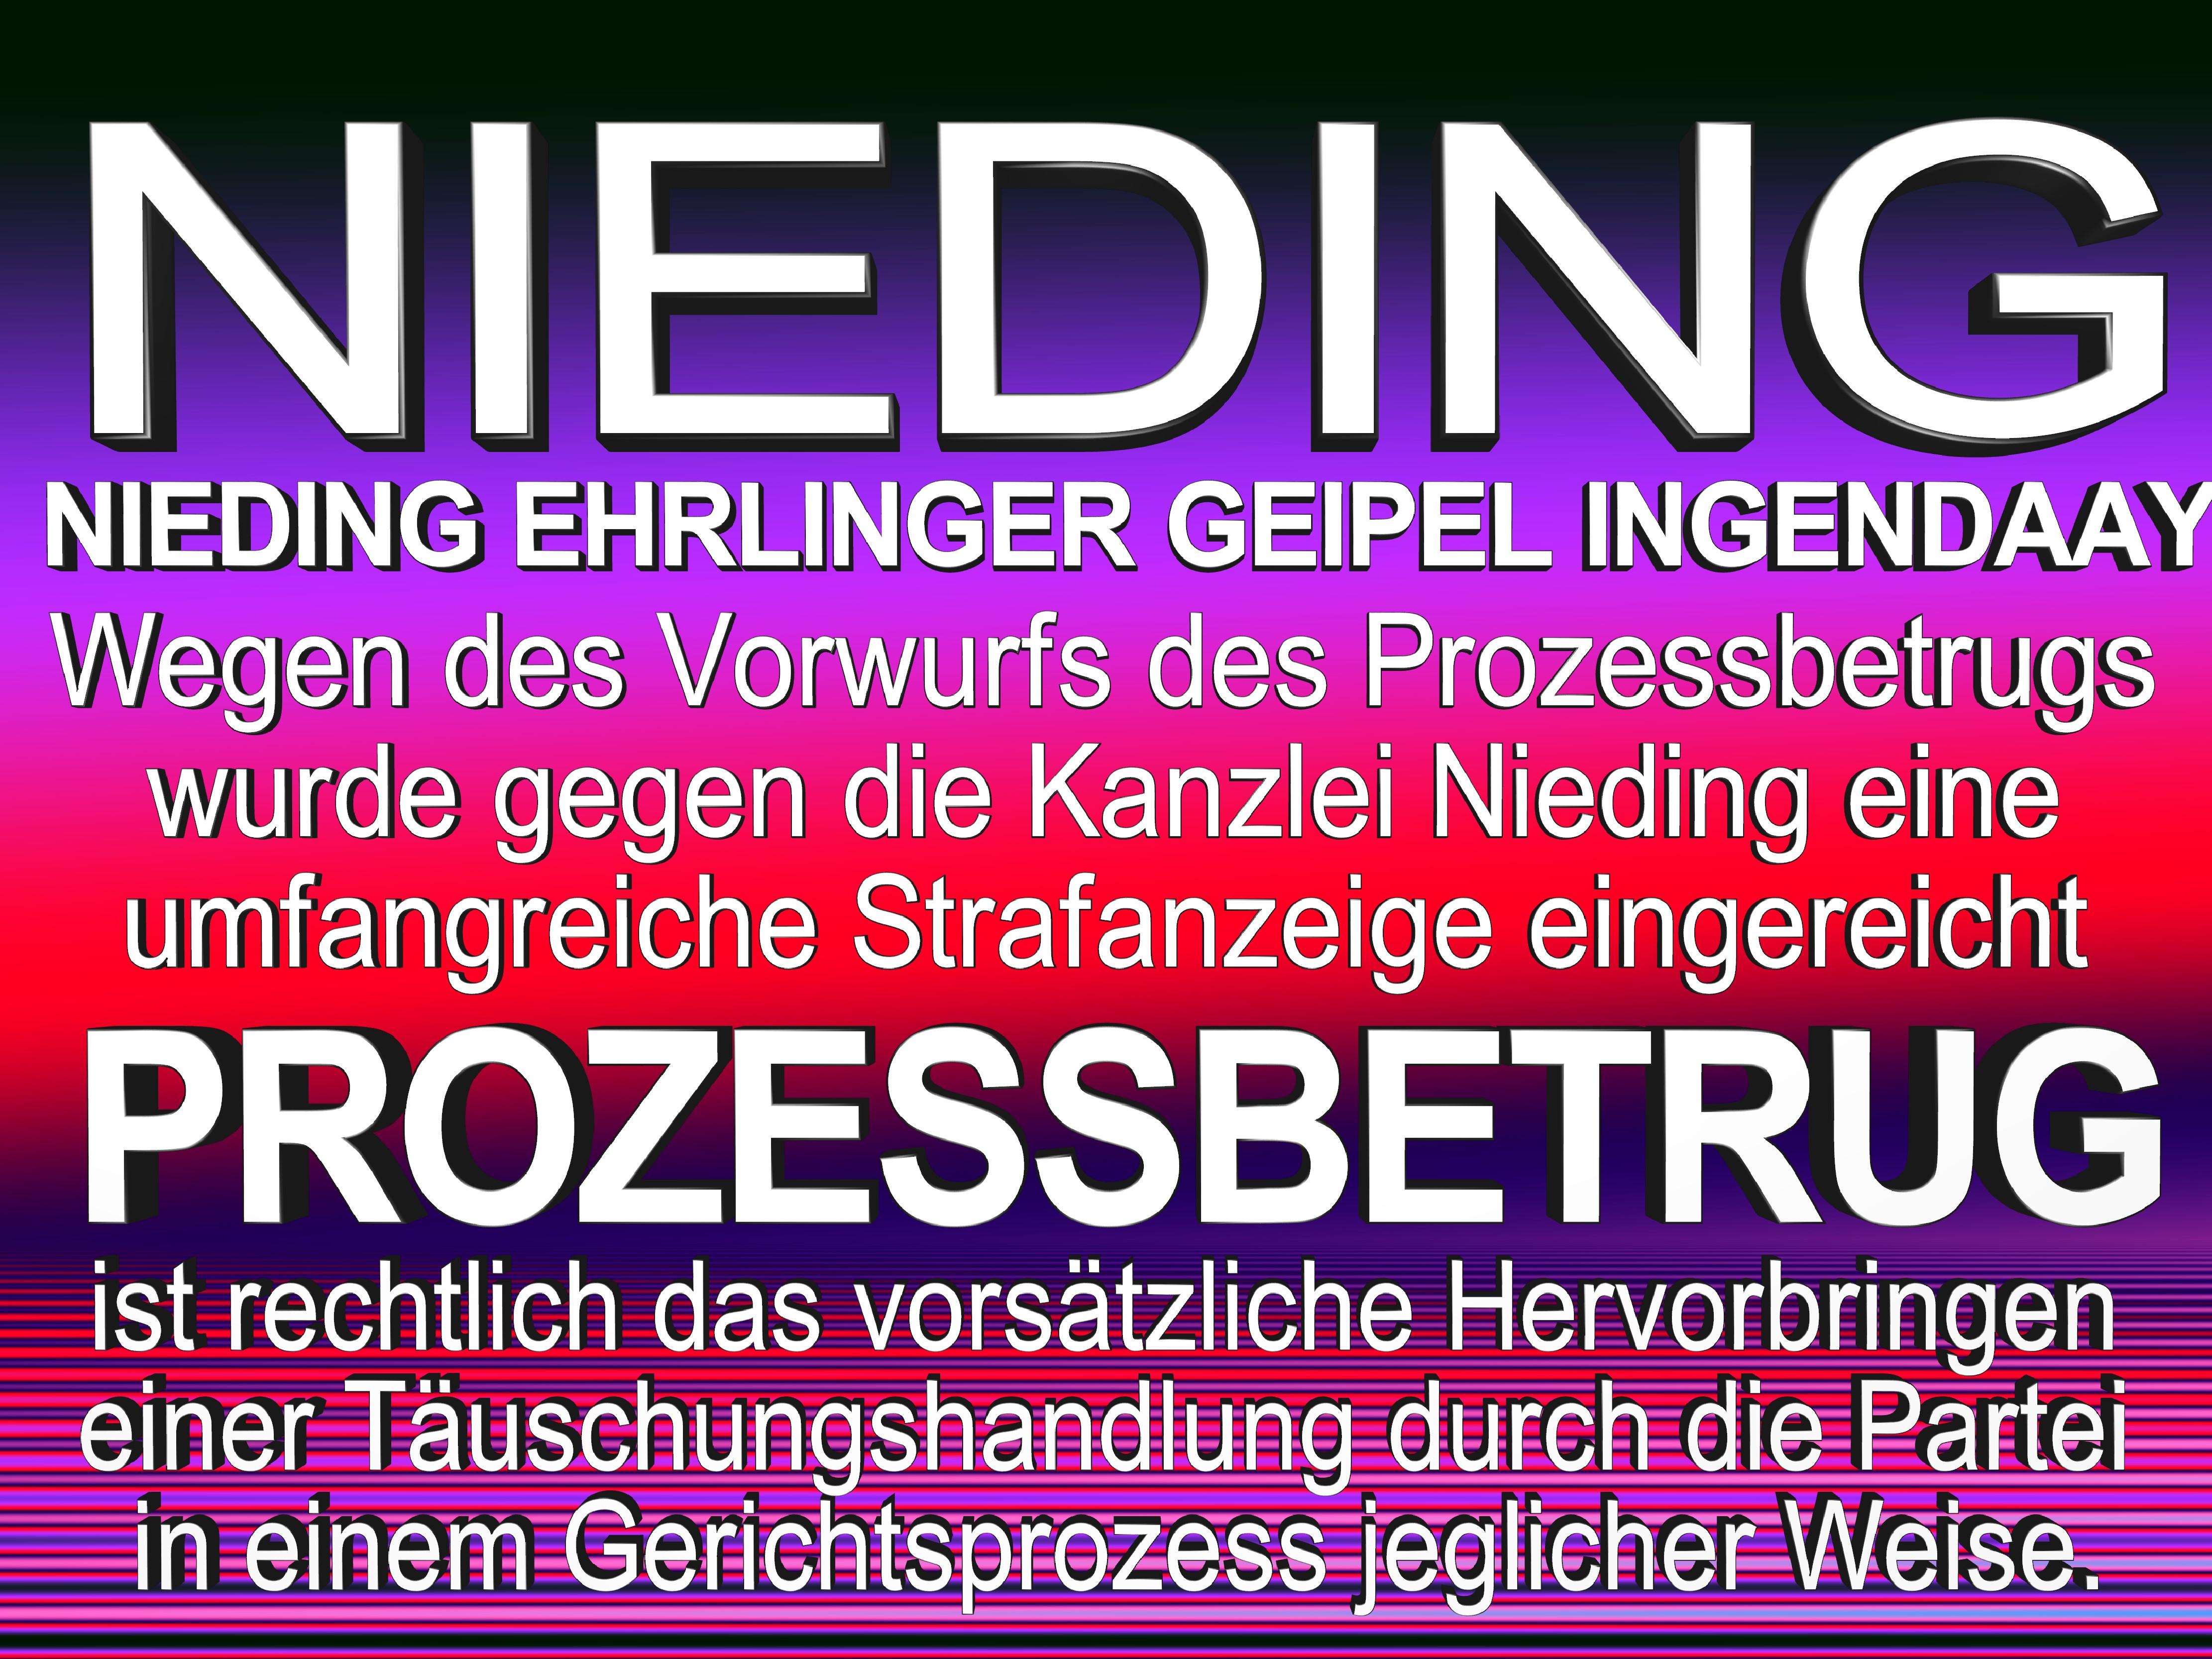 NIEDING EHRLINGER GEIPEL INGENDAAY LELKE Kurfürstendamm 66 Berlin (62)